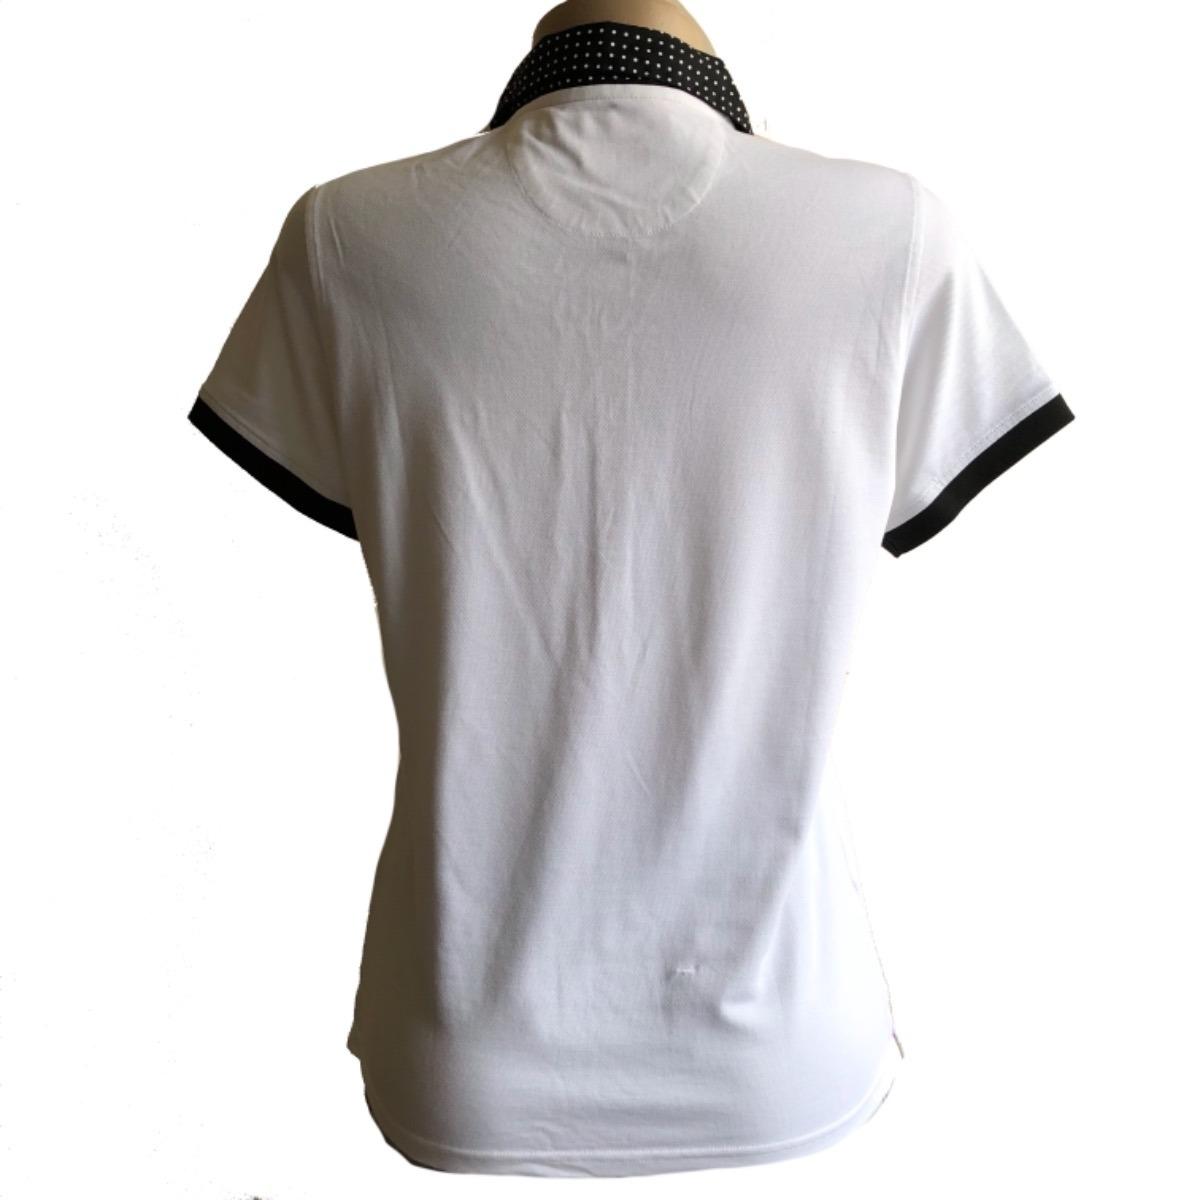 31f0794604 camisa polo feminina dudalina original com pequenos defeitos. Carregando  zoom.